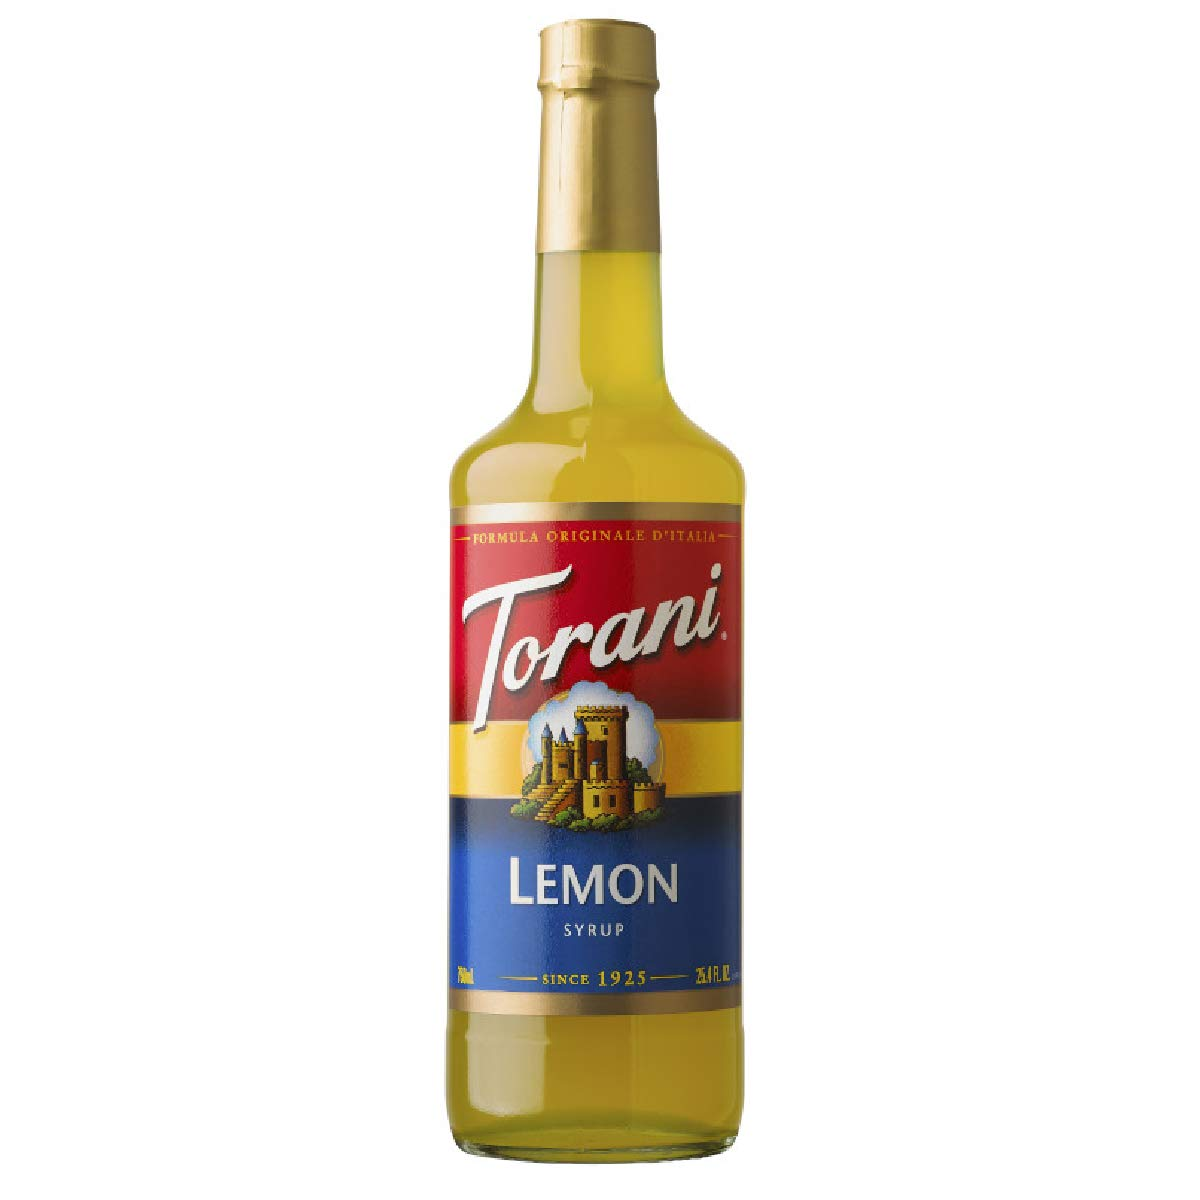 TORANI - LEMON